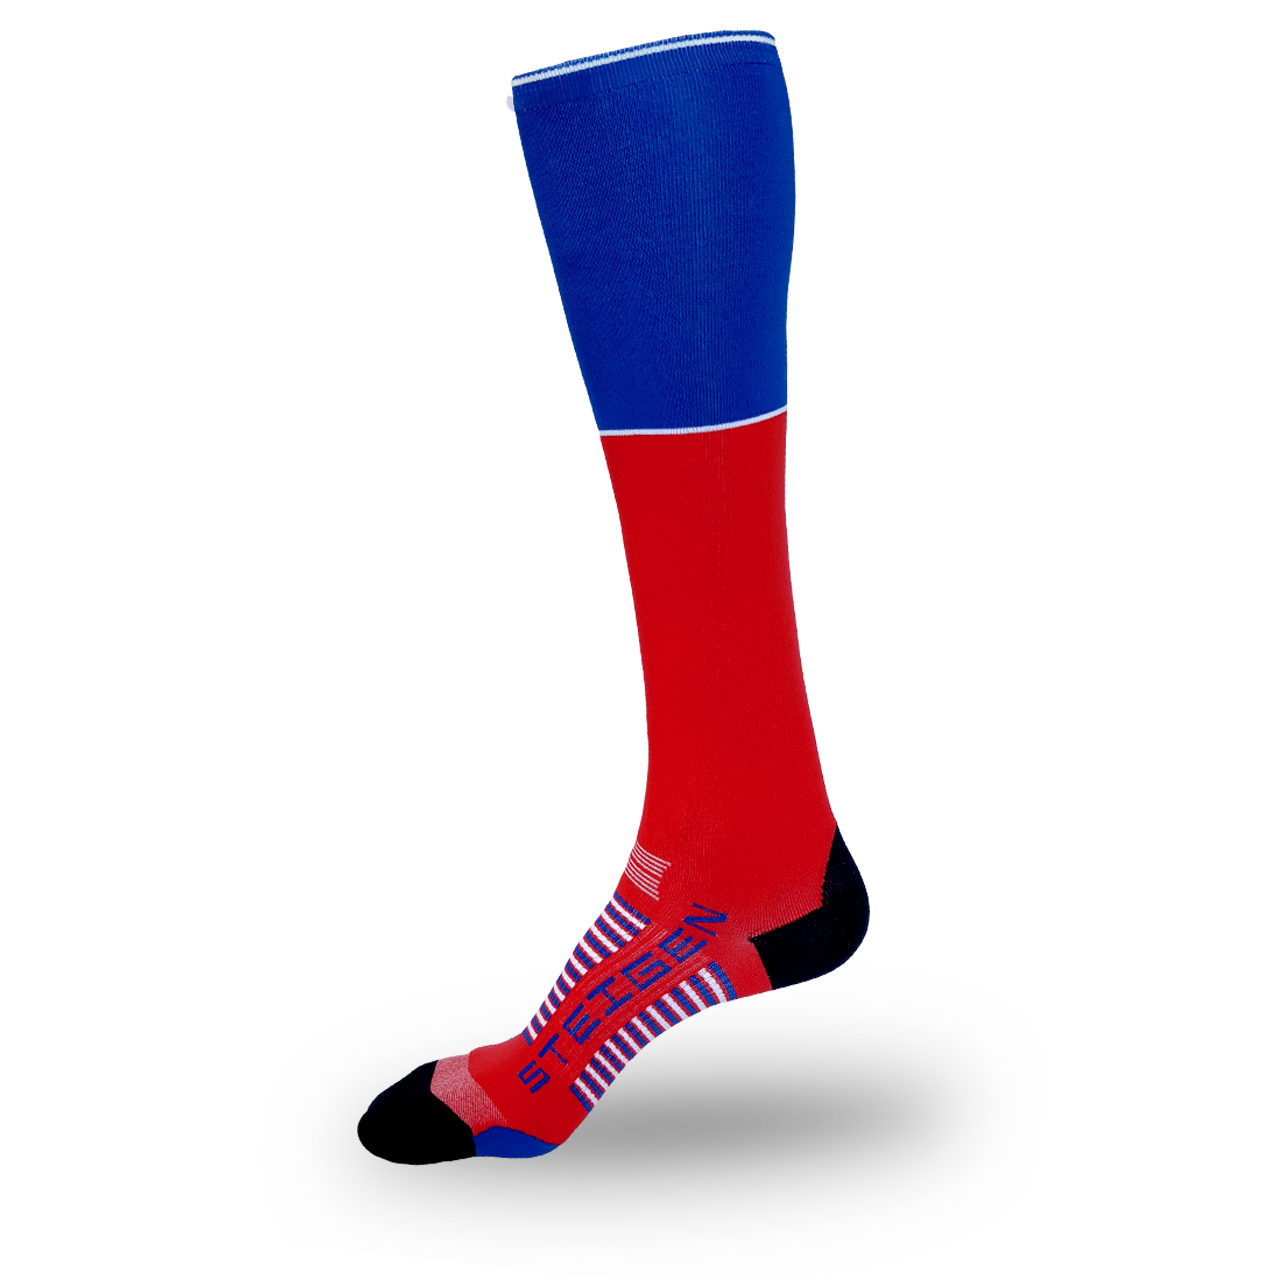 Red Running Socks Full Length